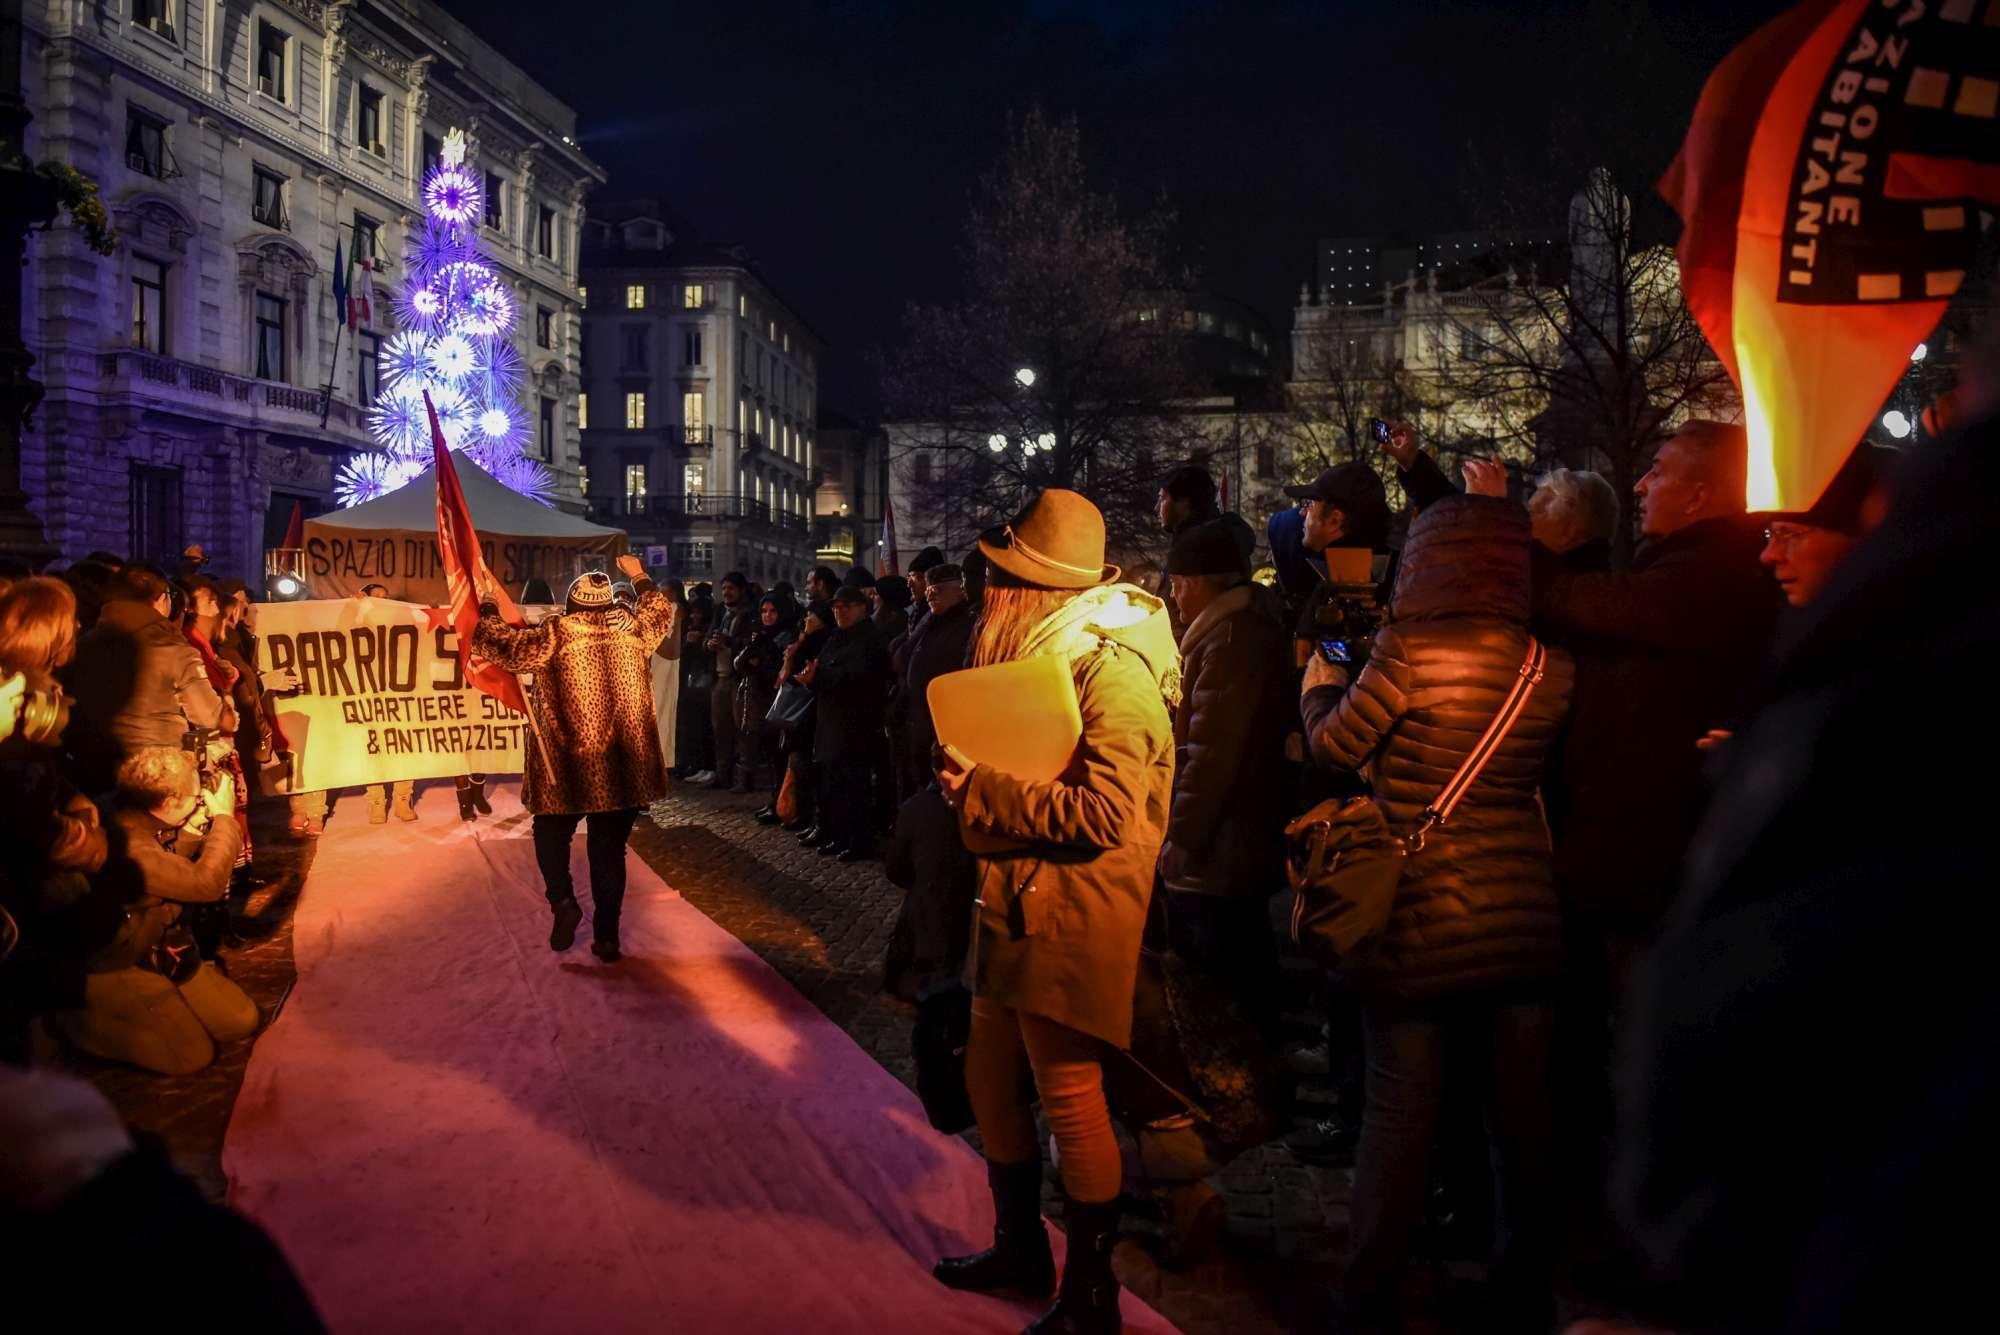 Prima della Scala, proteste e piazza blindata